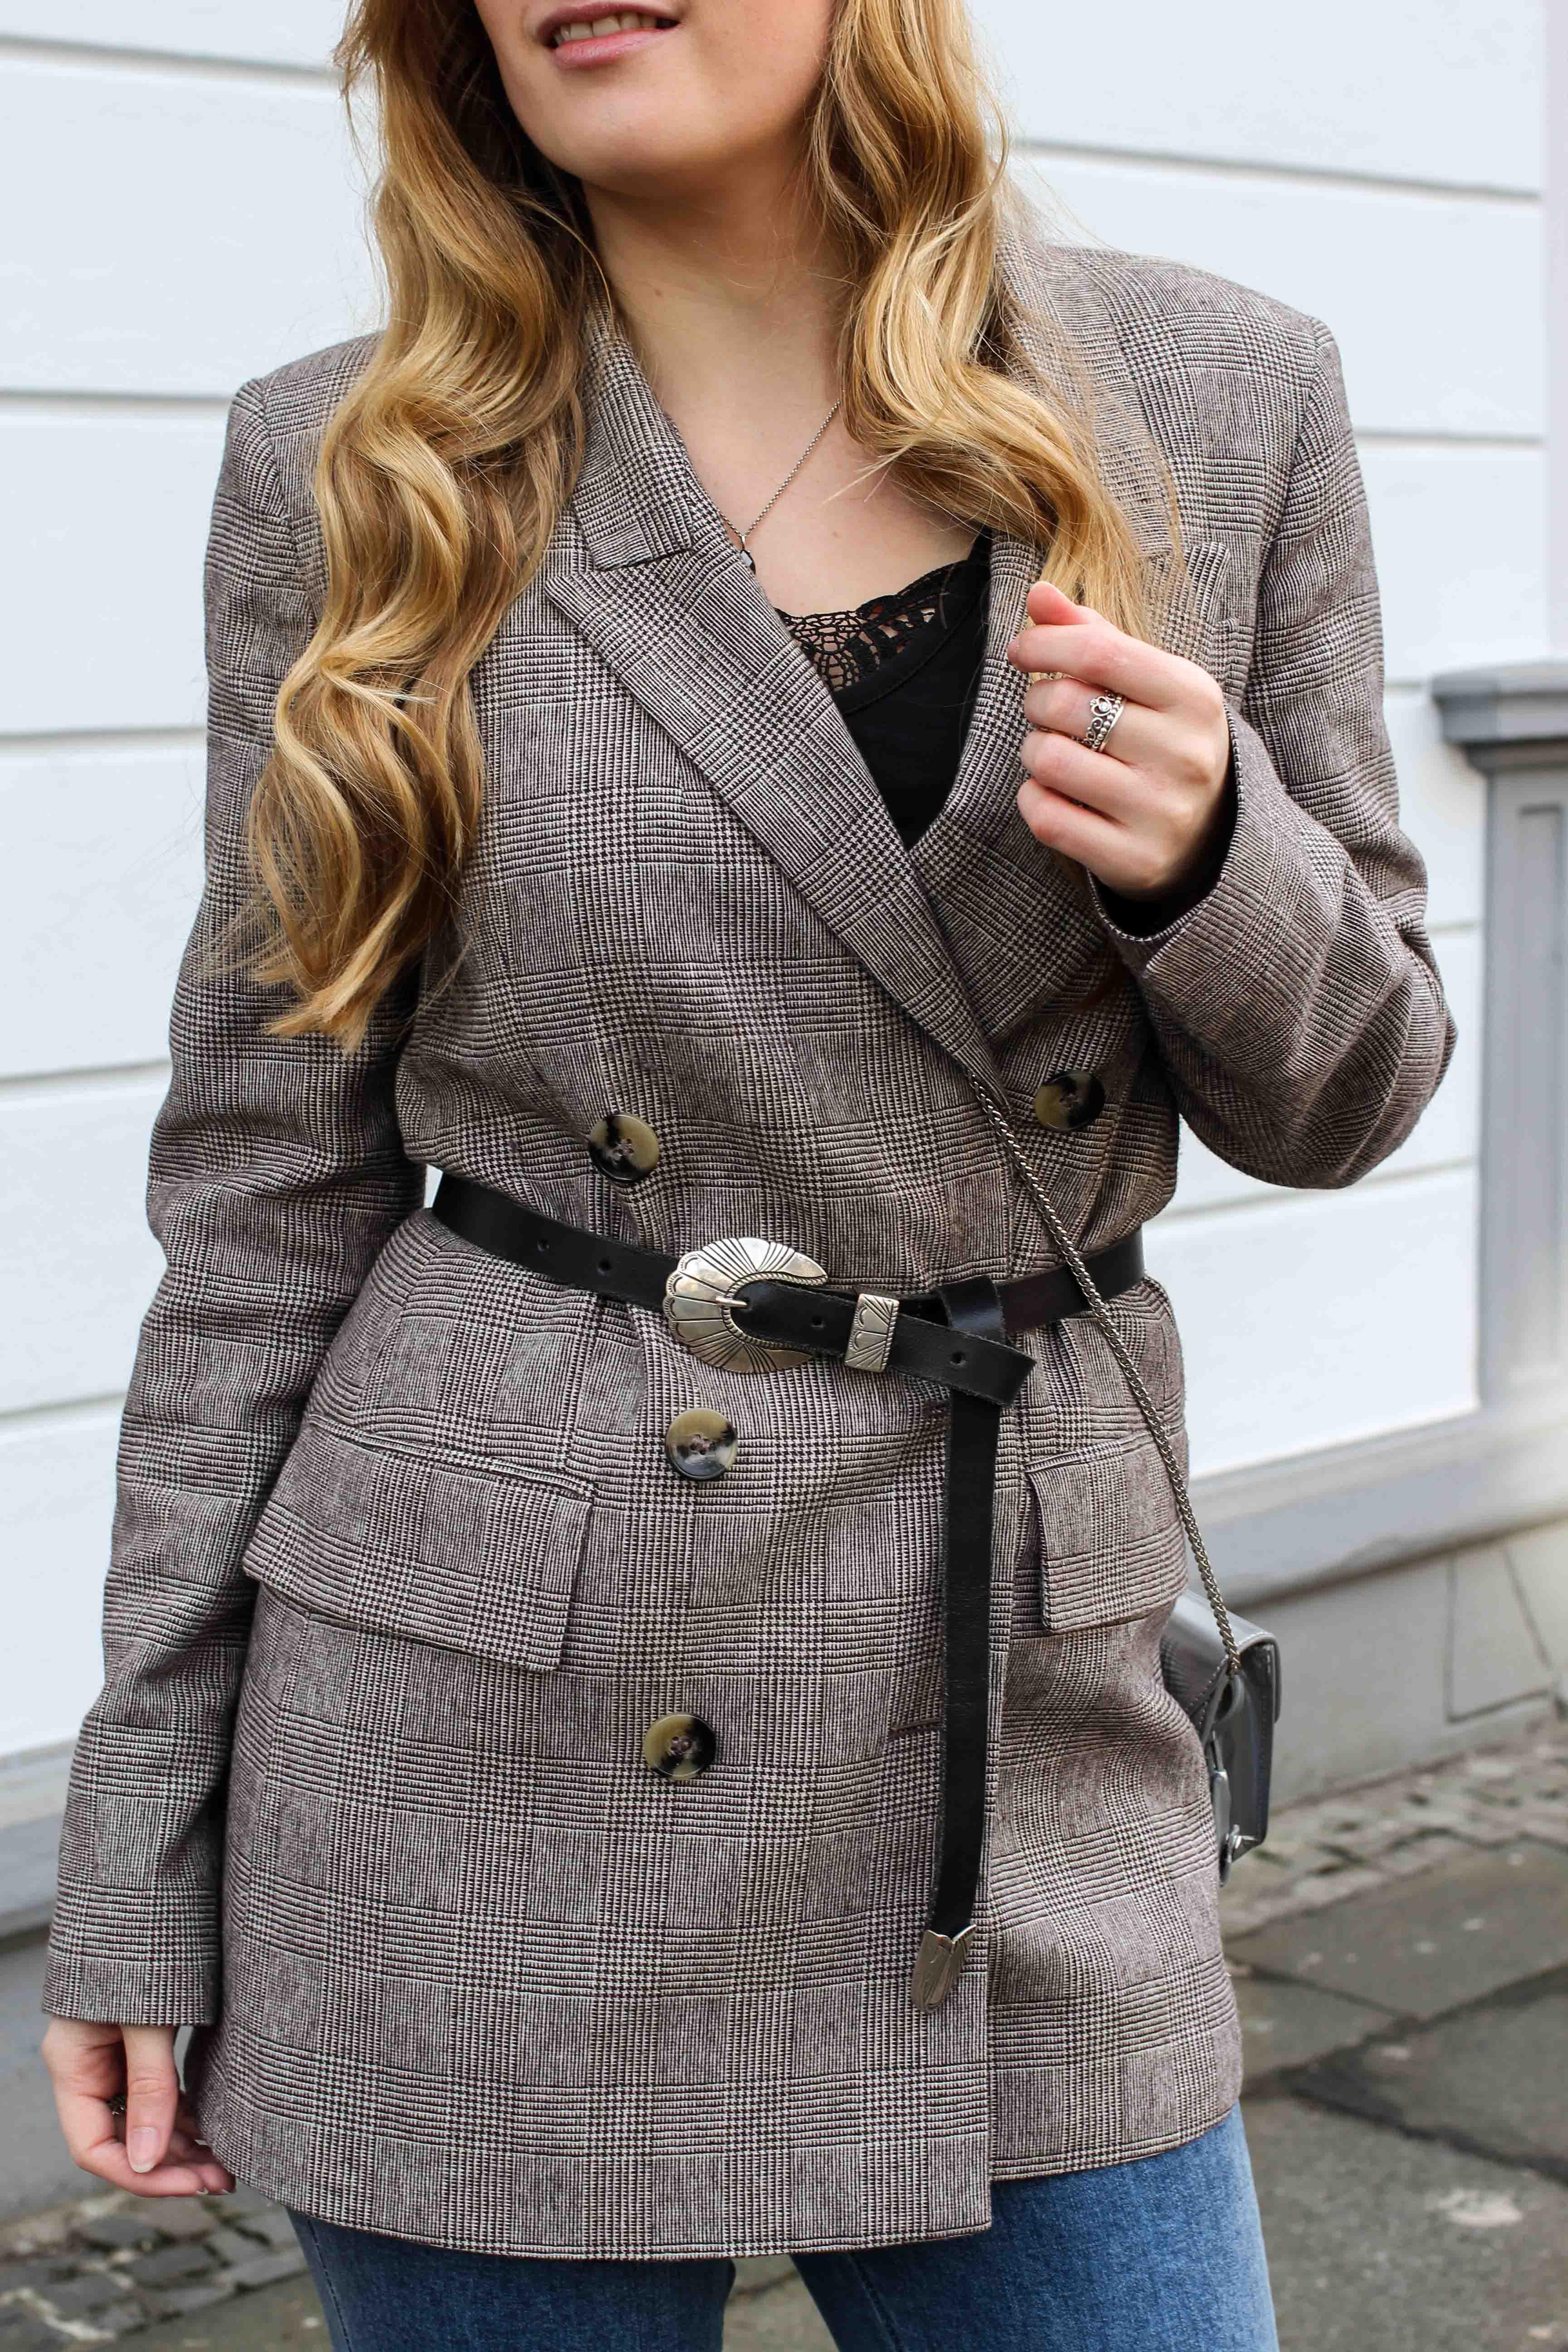 Karierter Blazer Spitzentop Hüftgürtel Karoblazer kombinieren Outfit Hebst Winter filigraner Schmuck silber Kette Ringe Modeblog Bonn 3